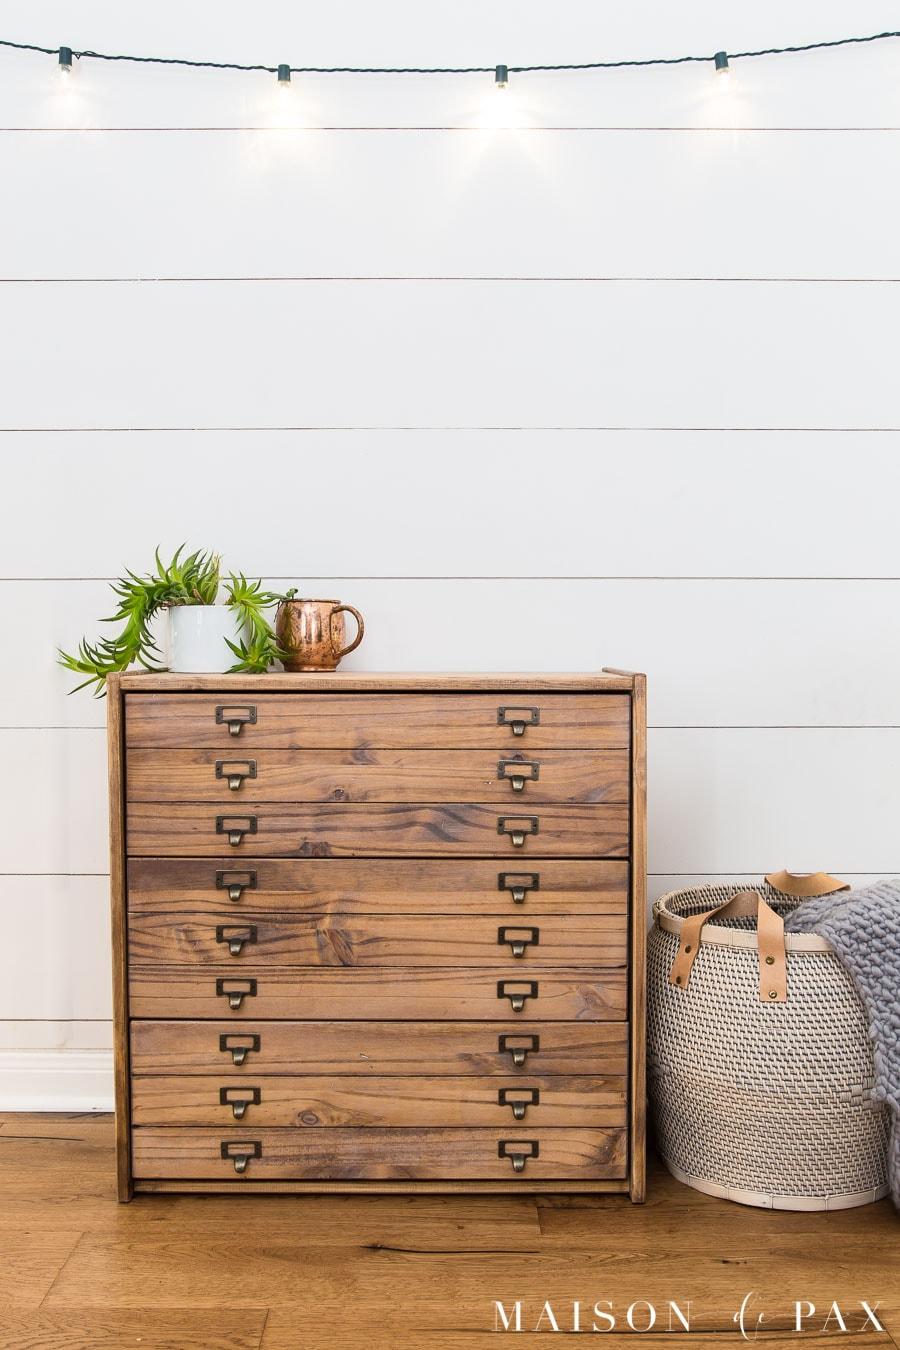 Diy Antique Printers Cabinet Ikea Hack Maison De Pax